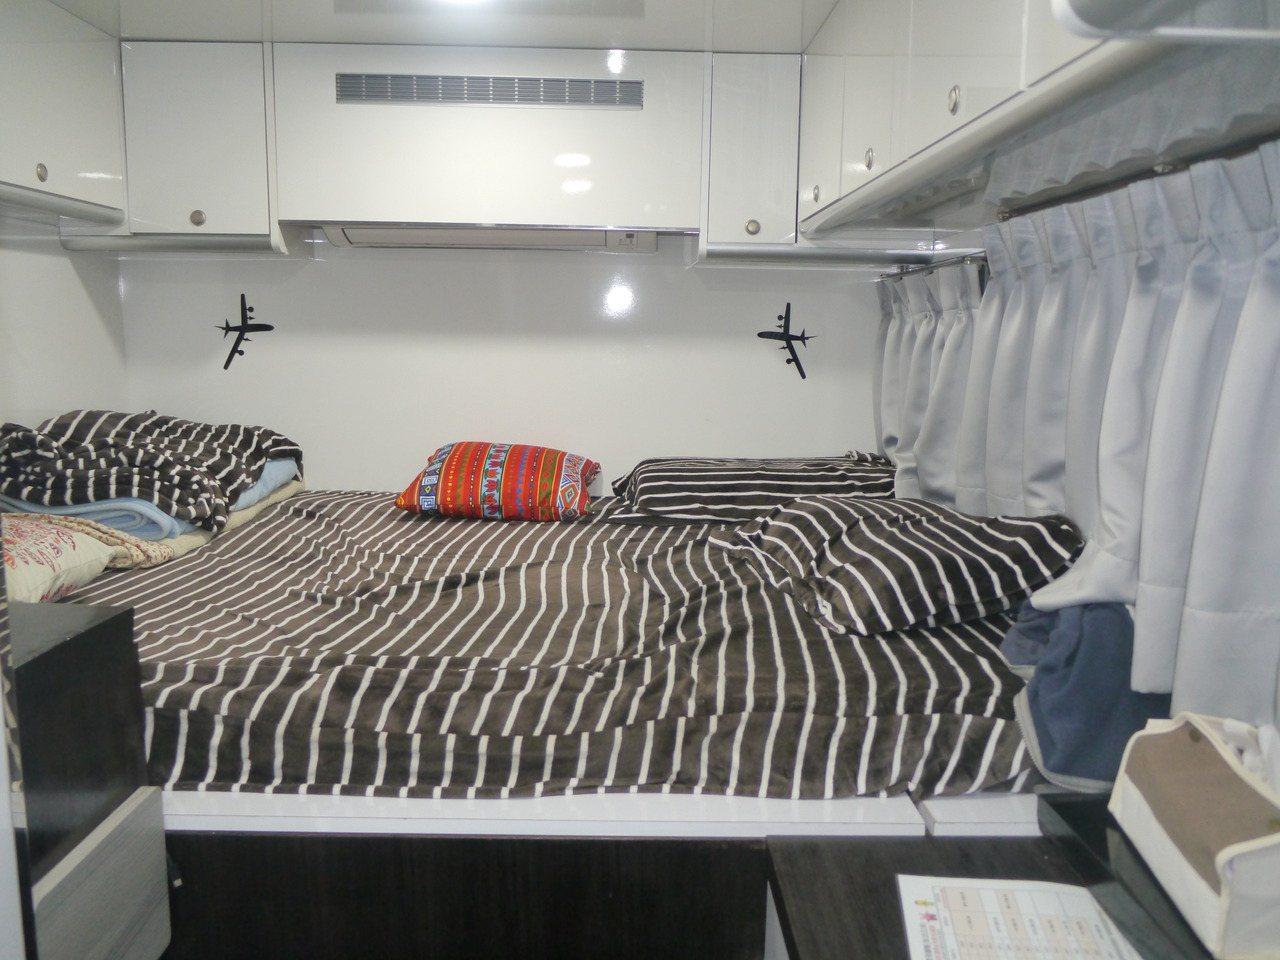 露營車內部,床鋪下方是廣大的收納空間,上方也是收納櫃。 圖/徐白櫻 攝影